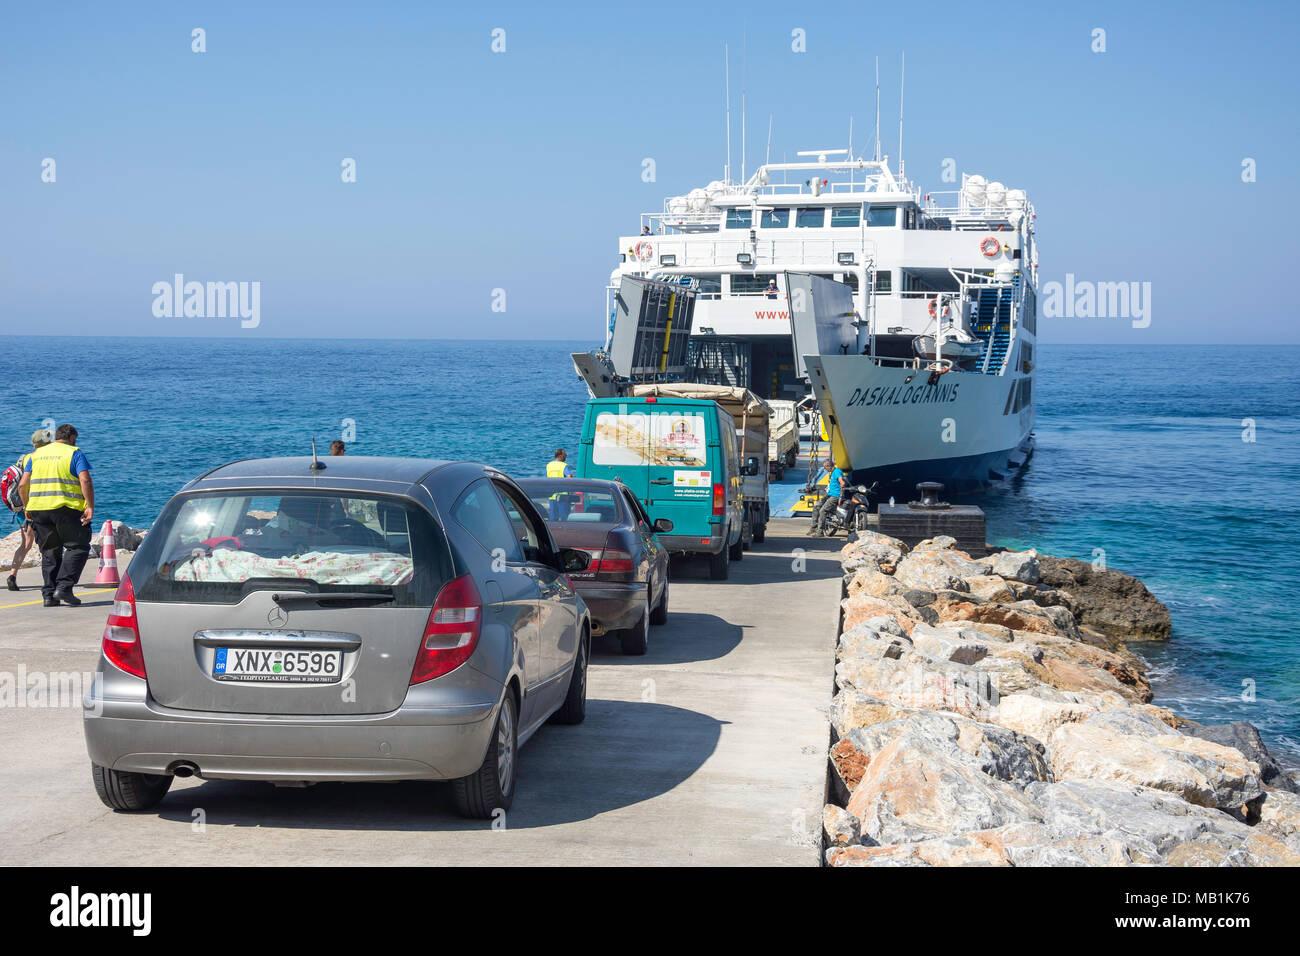 L'embarquement des véhicules Daskalogiannis ferry vers Loutro, Hora Sfakion, Sfakia, Chania, Crete Région (Crète), Grèce Photo Stock